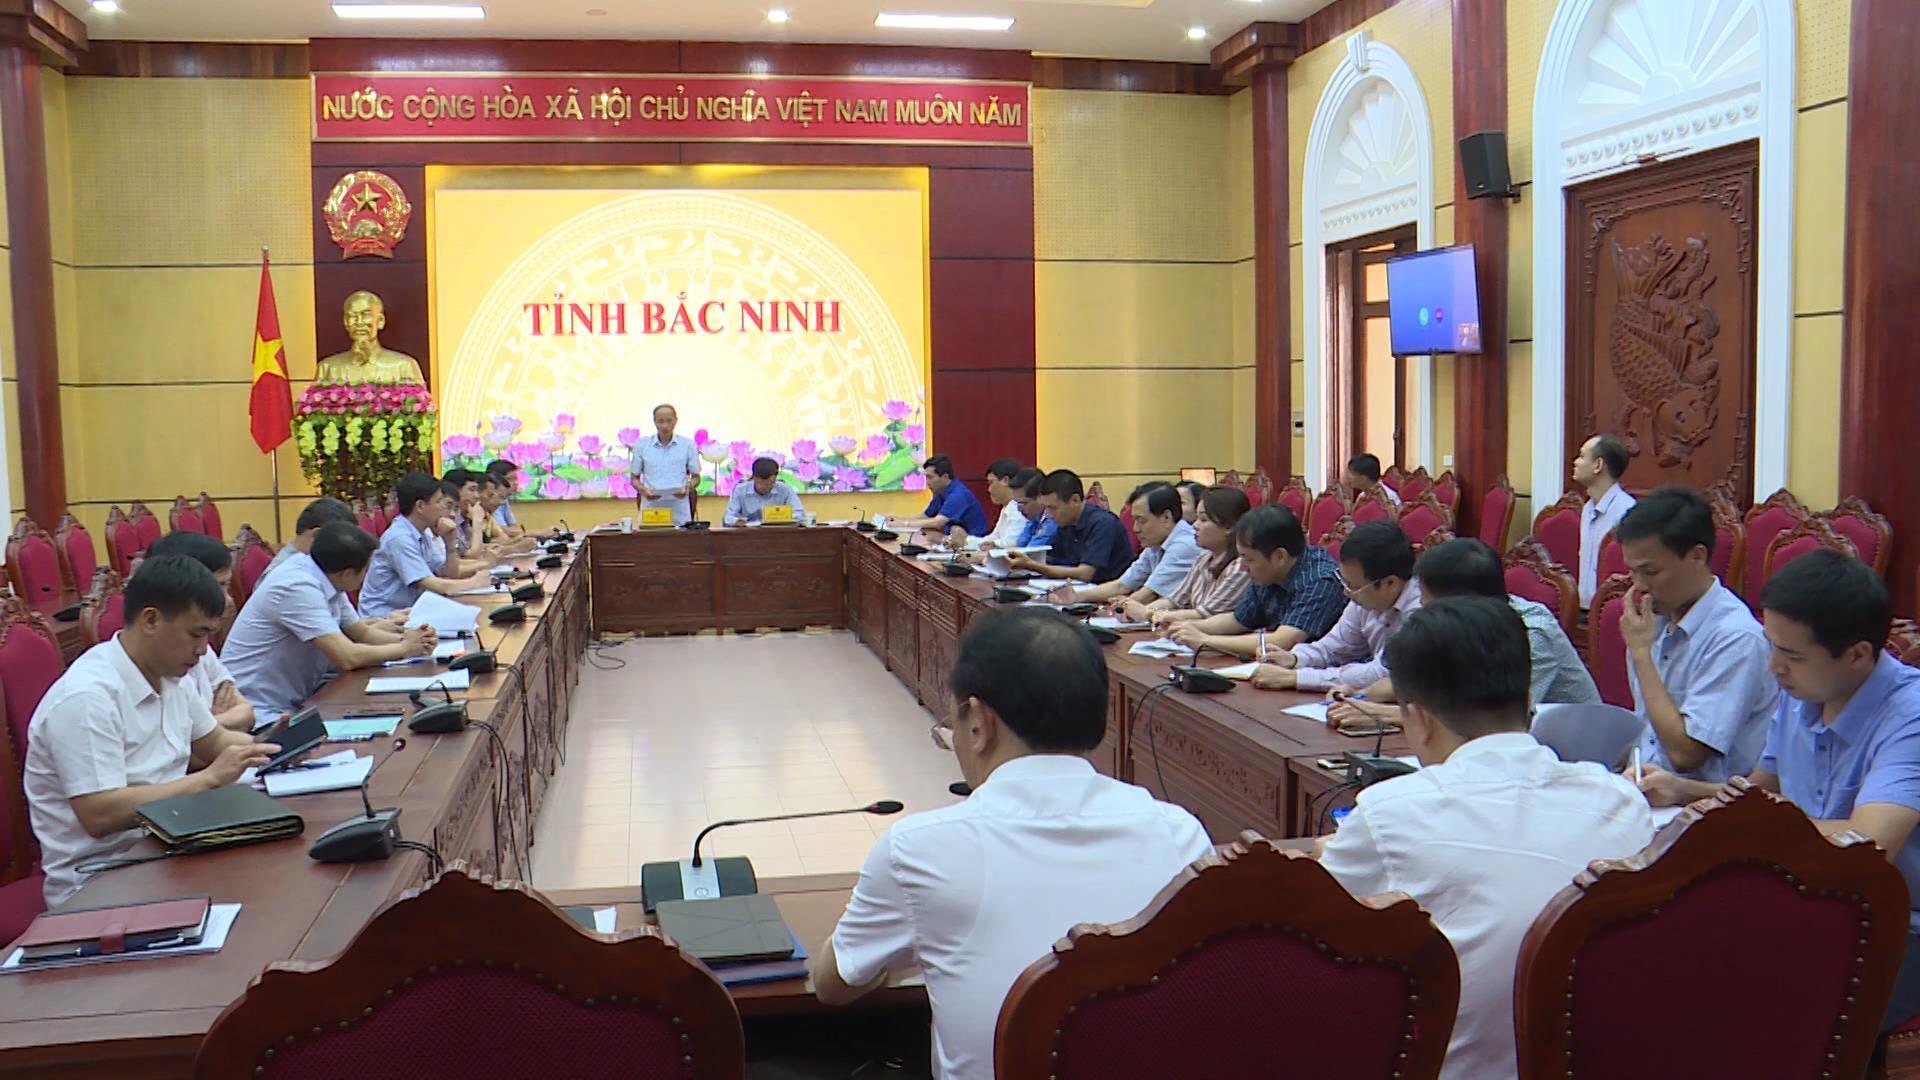 Hội nghị trực tuyến Triển khai kế hoạch 6 tháng cuối năm 2020